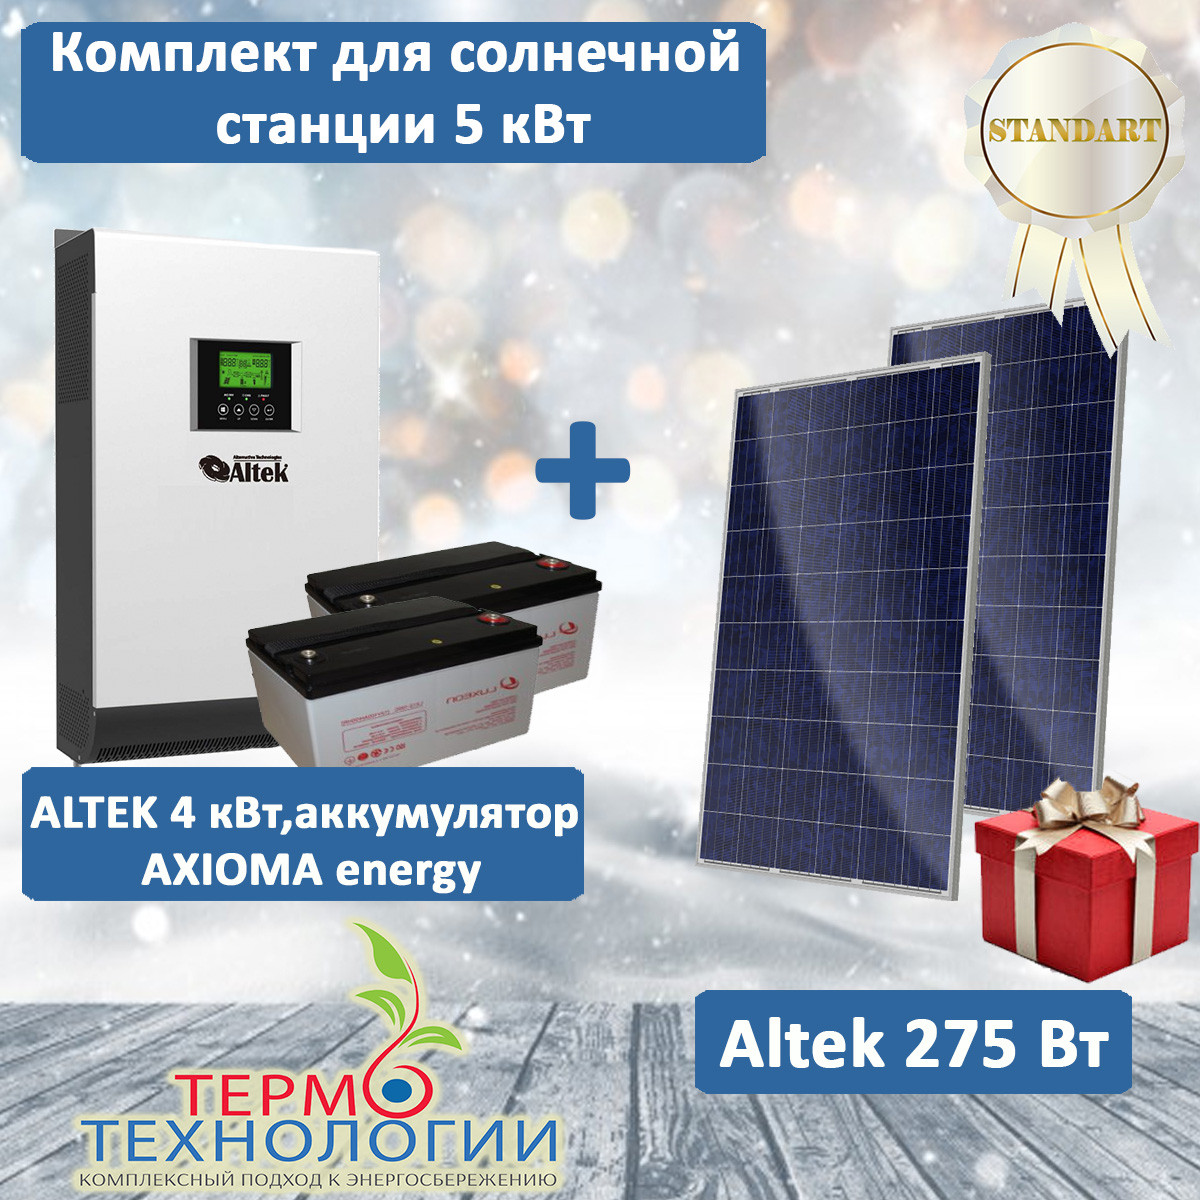 Комплект для гибридной солнечной станции 5 кВт Altek и ALTEK 275 Вт